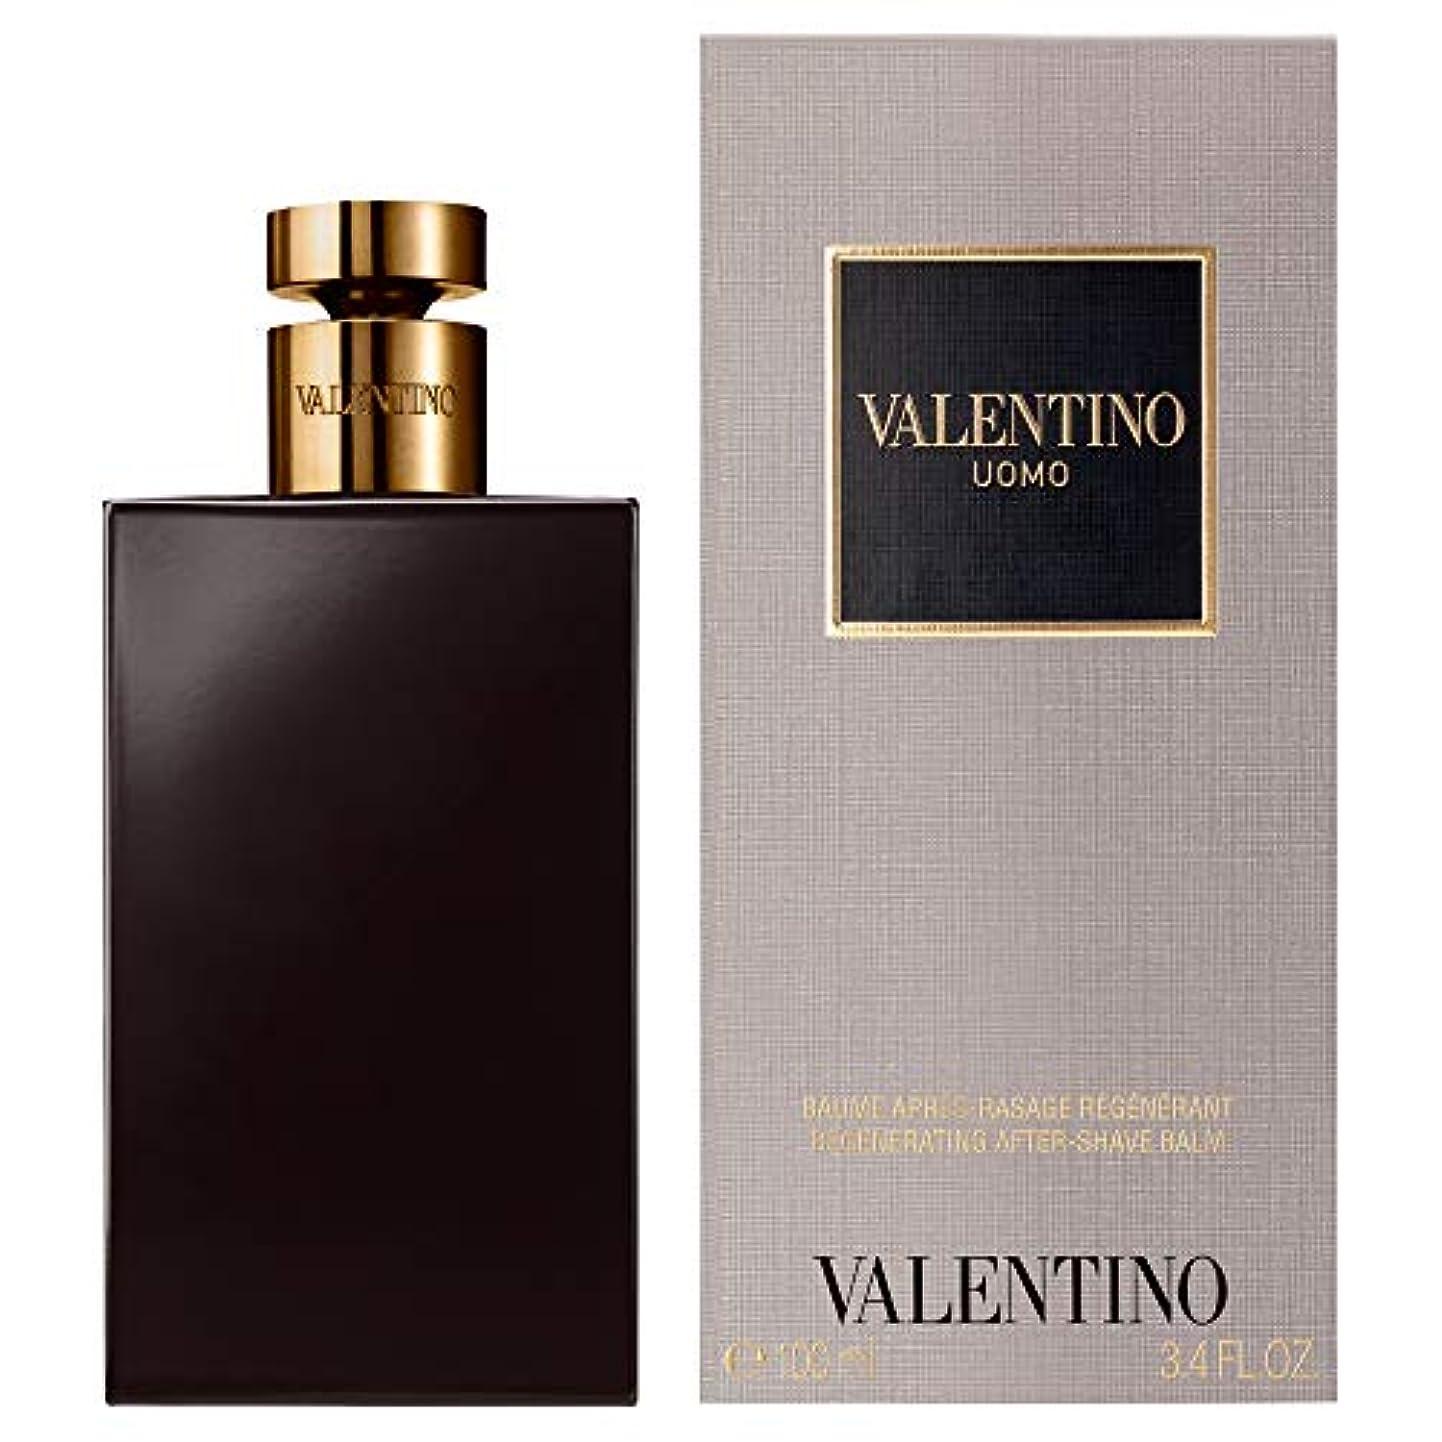 関与するスナッチ火炎[Valentino] バレンティーノ?ウォモとしてバーム100ミリリットル - Valentino Uomo AS Balm 100ml [並行輸入品]